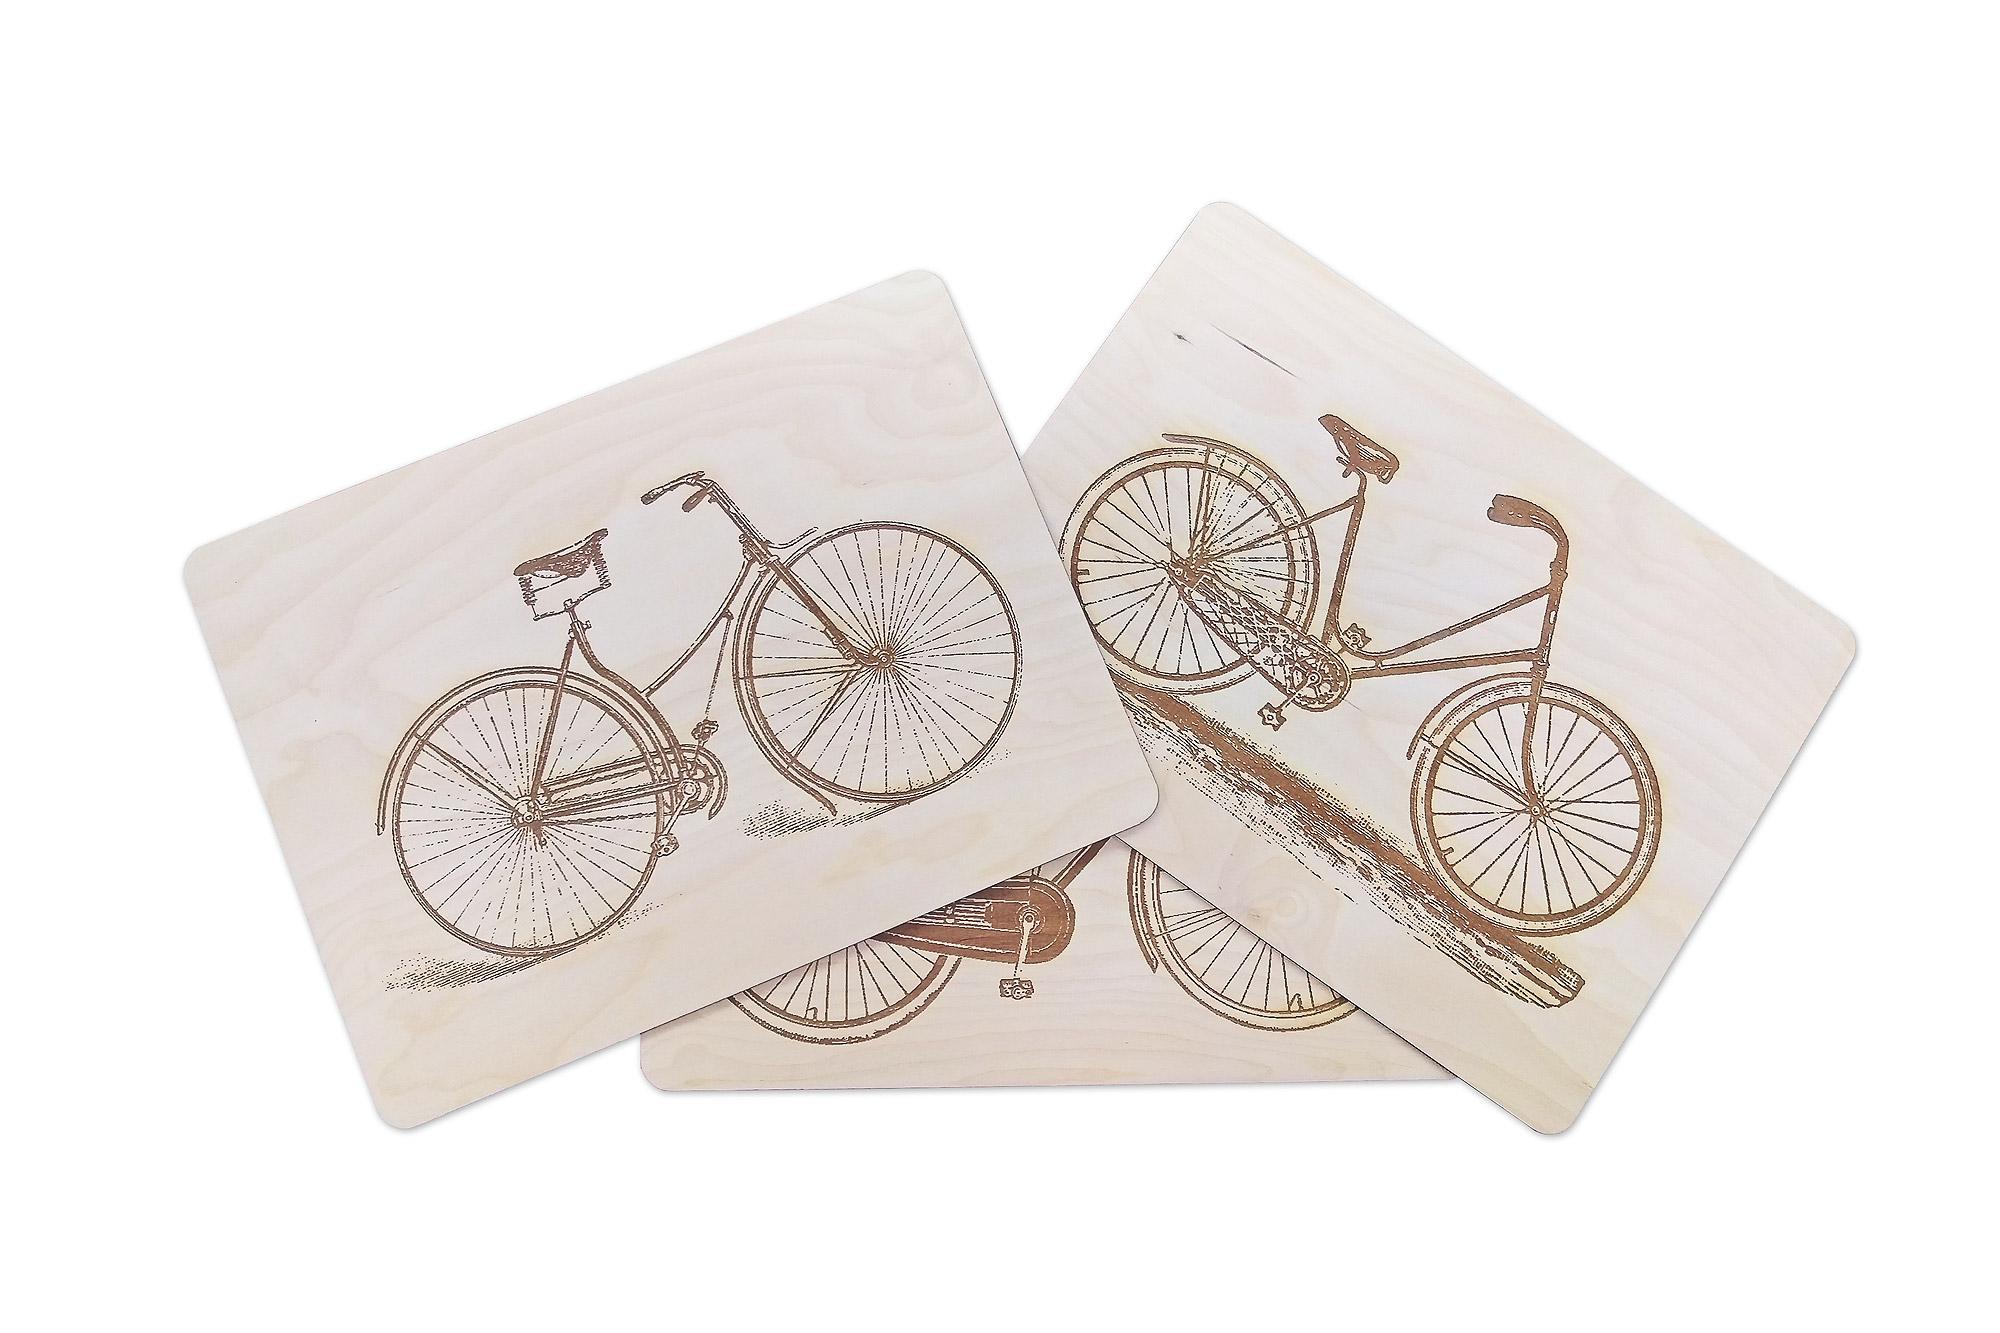 grawer na desce, grawerowana podkładka, rowery grawerowane, rowery holenderskie na drewnie